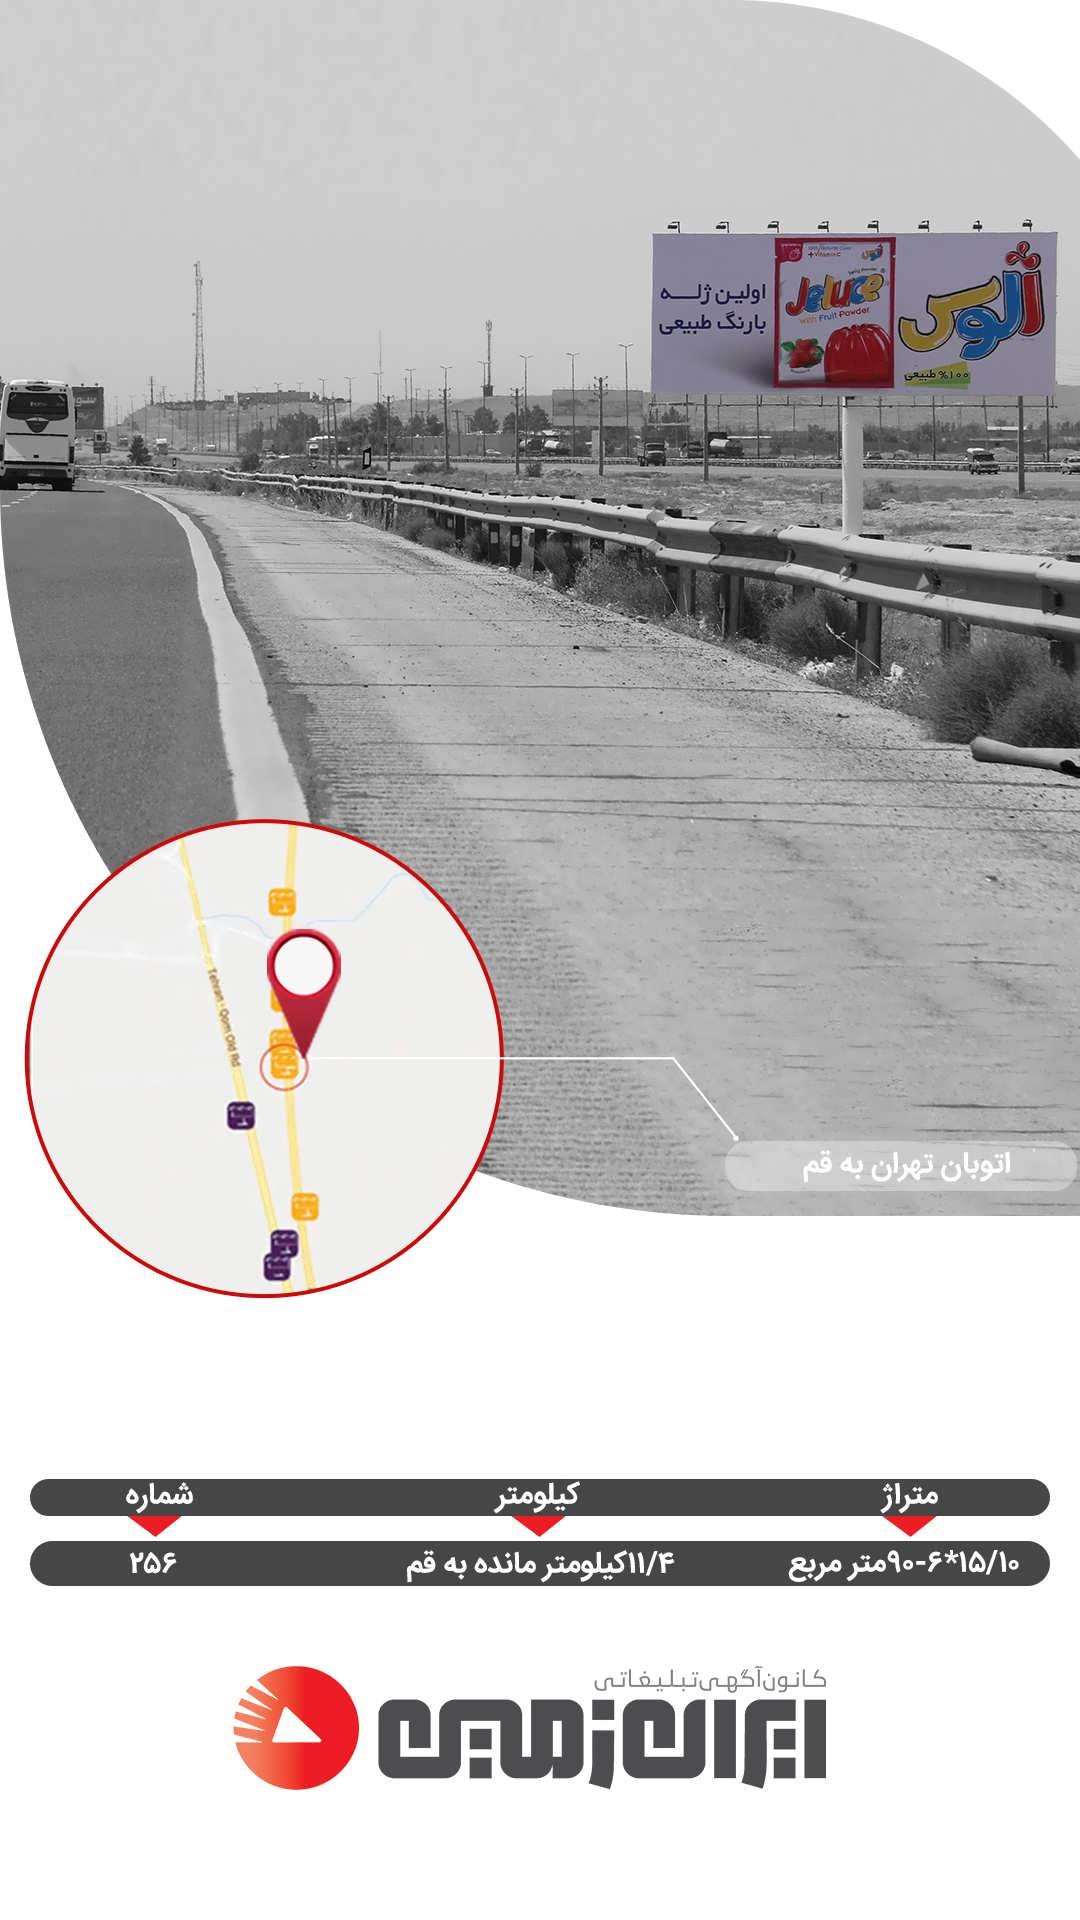 بیلبورد تبلیغاتی اتوبان خلیج فارس